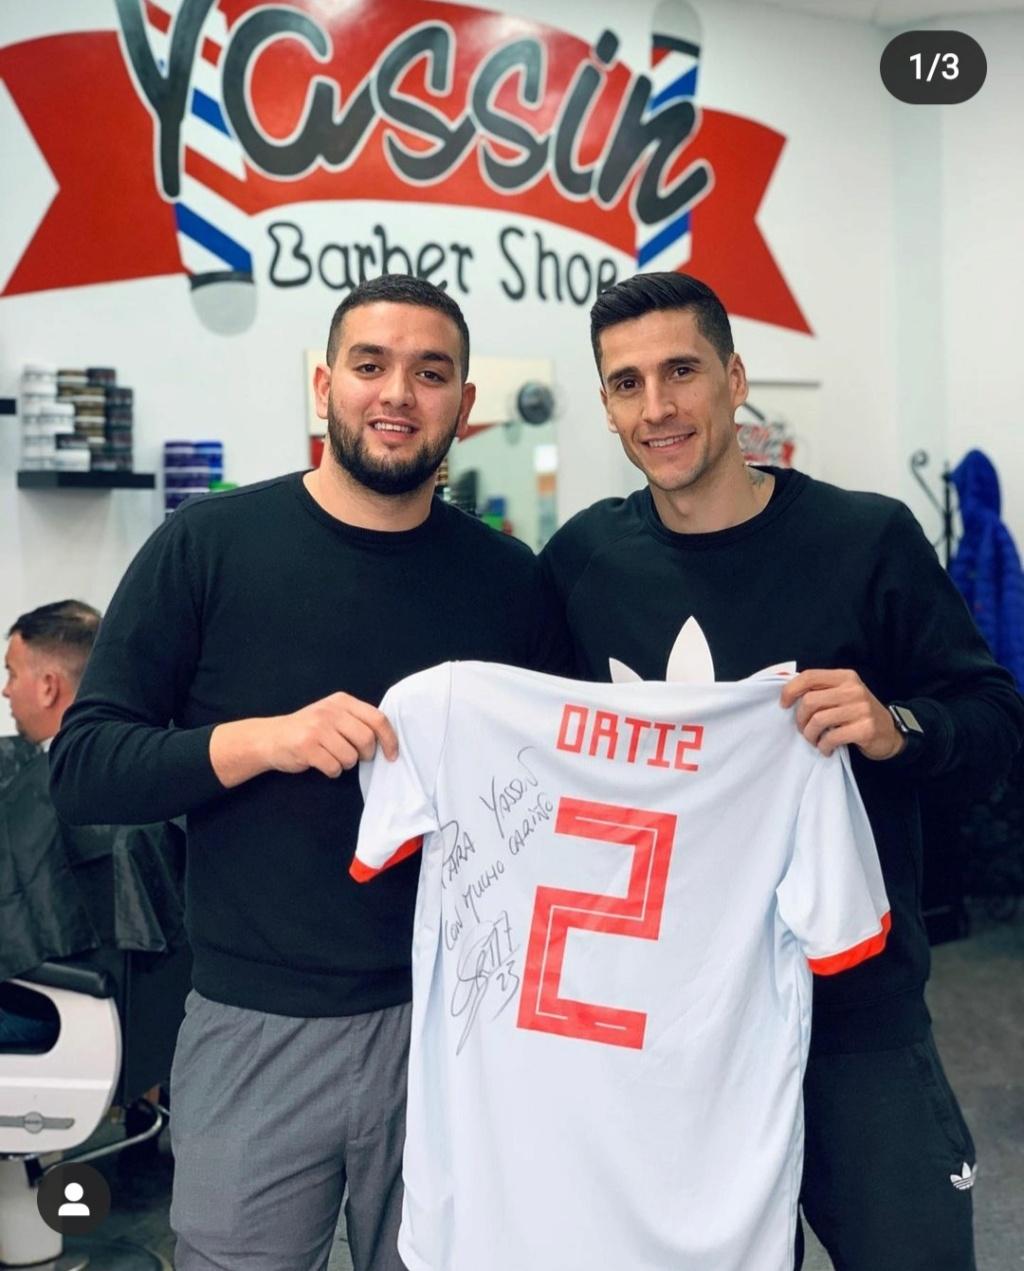 ¿Cuánto mide el peluquero Yassin Barbershop? - Altura Img_1512